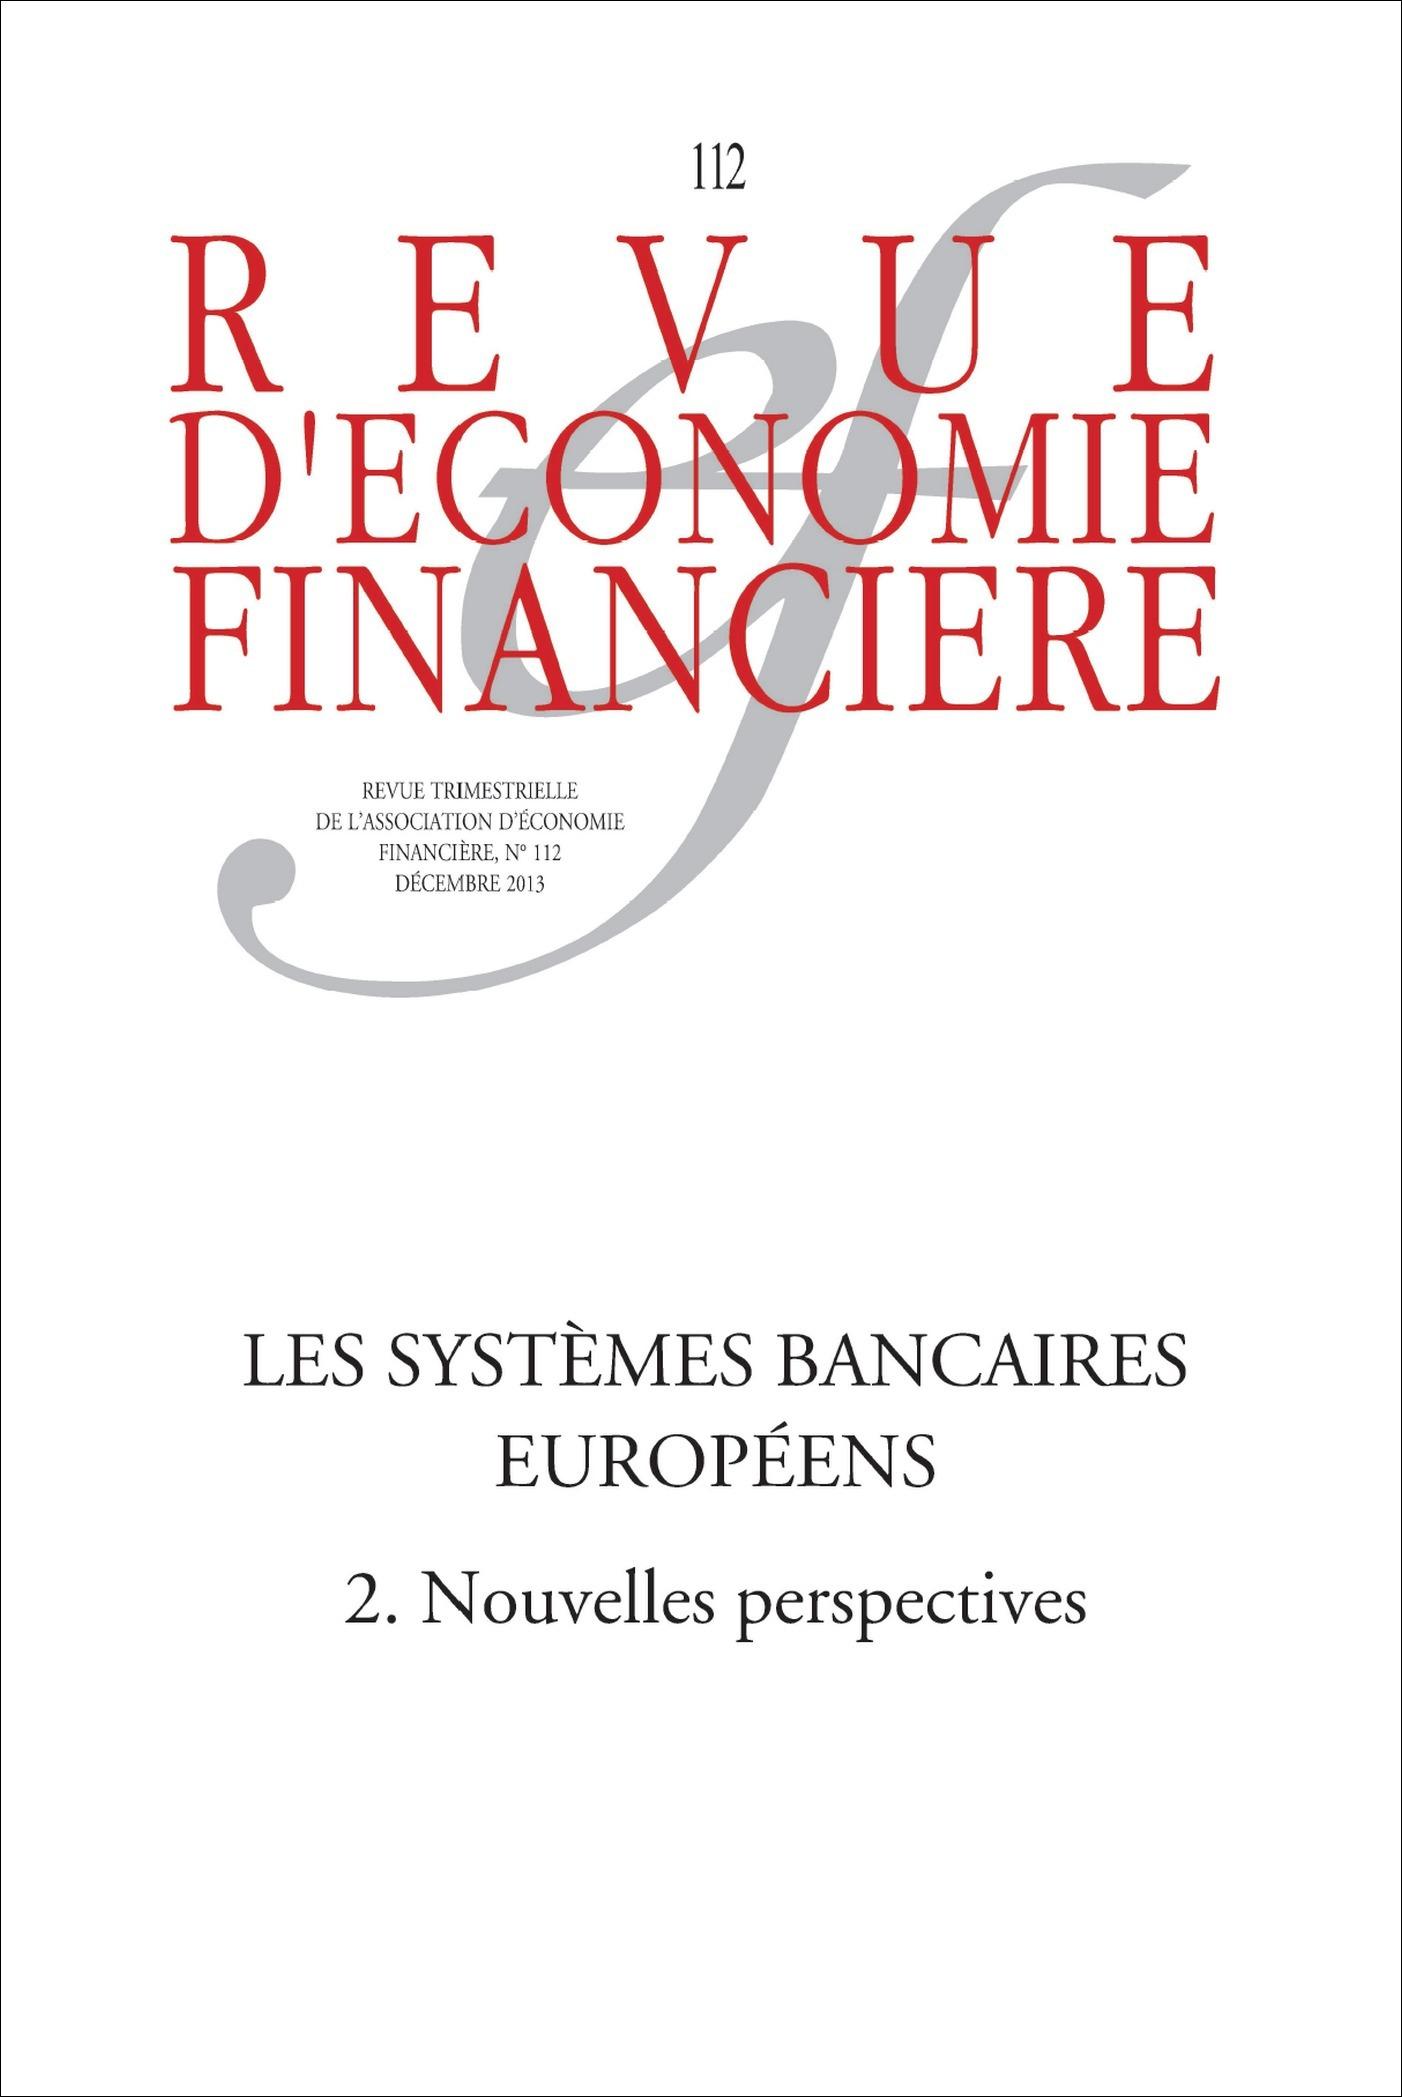 Ouvrage Collectif Les systèmes bancaires européens (2) Nouvelles perspectives